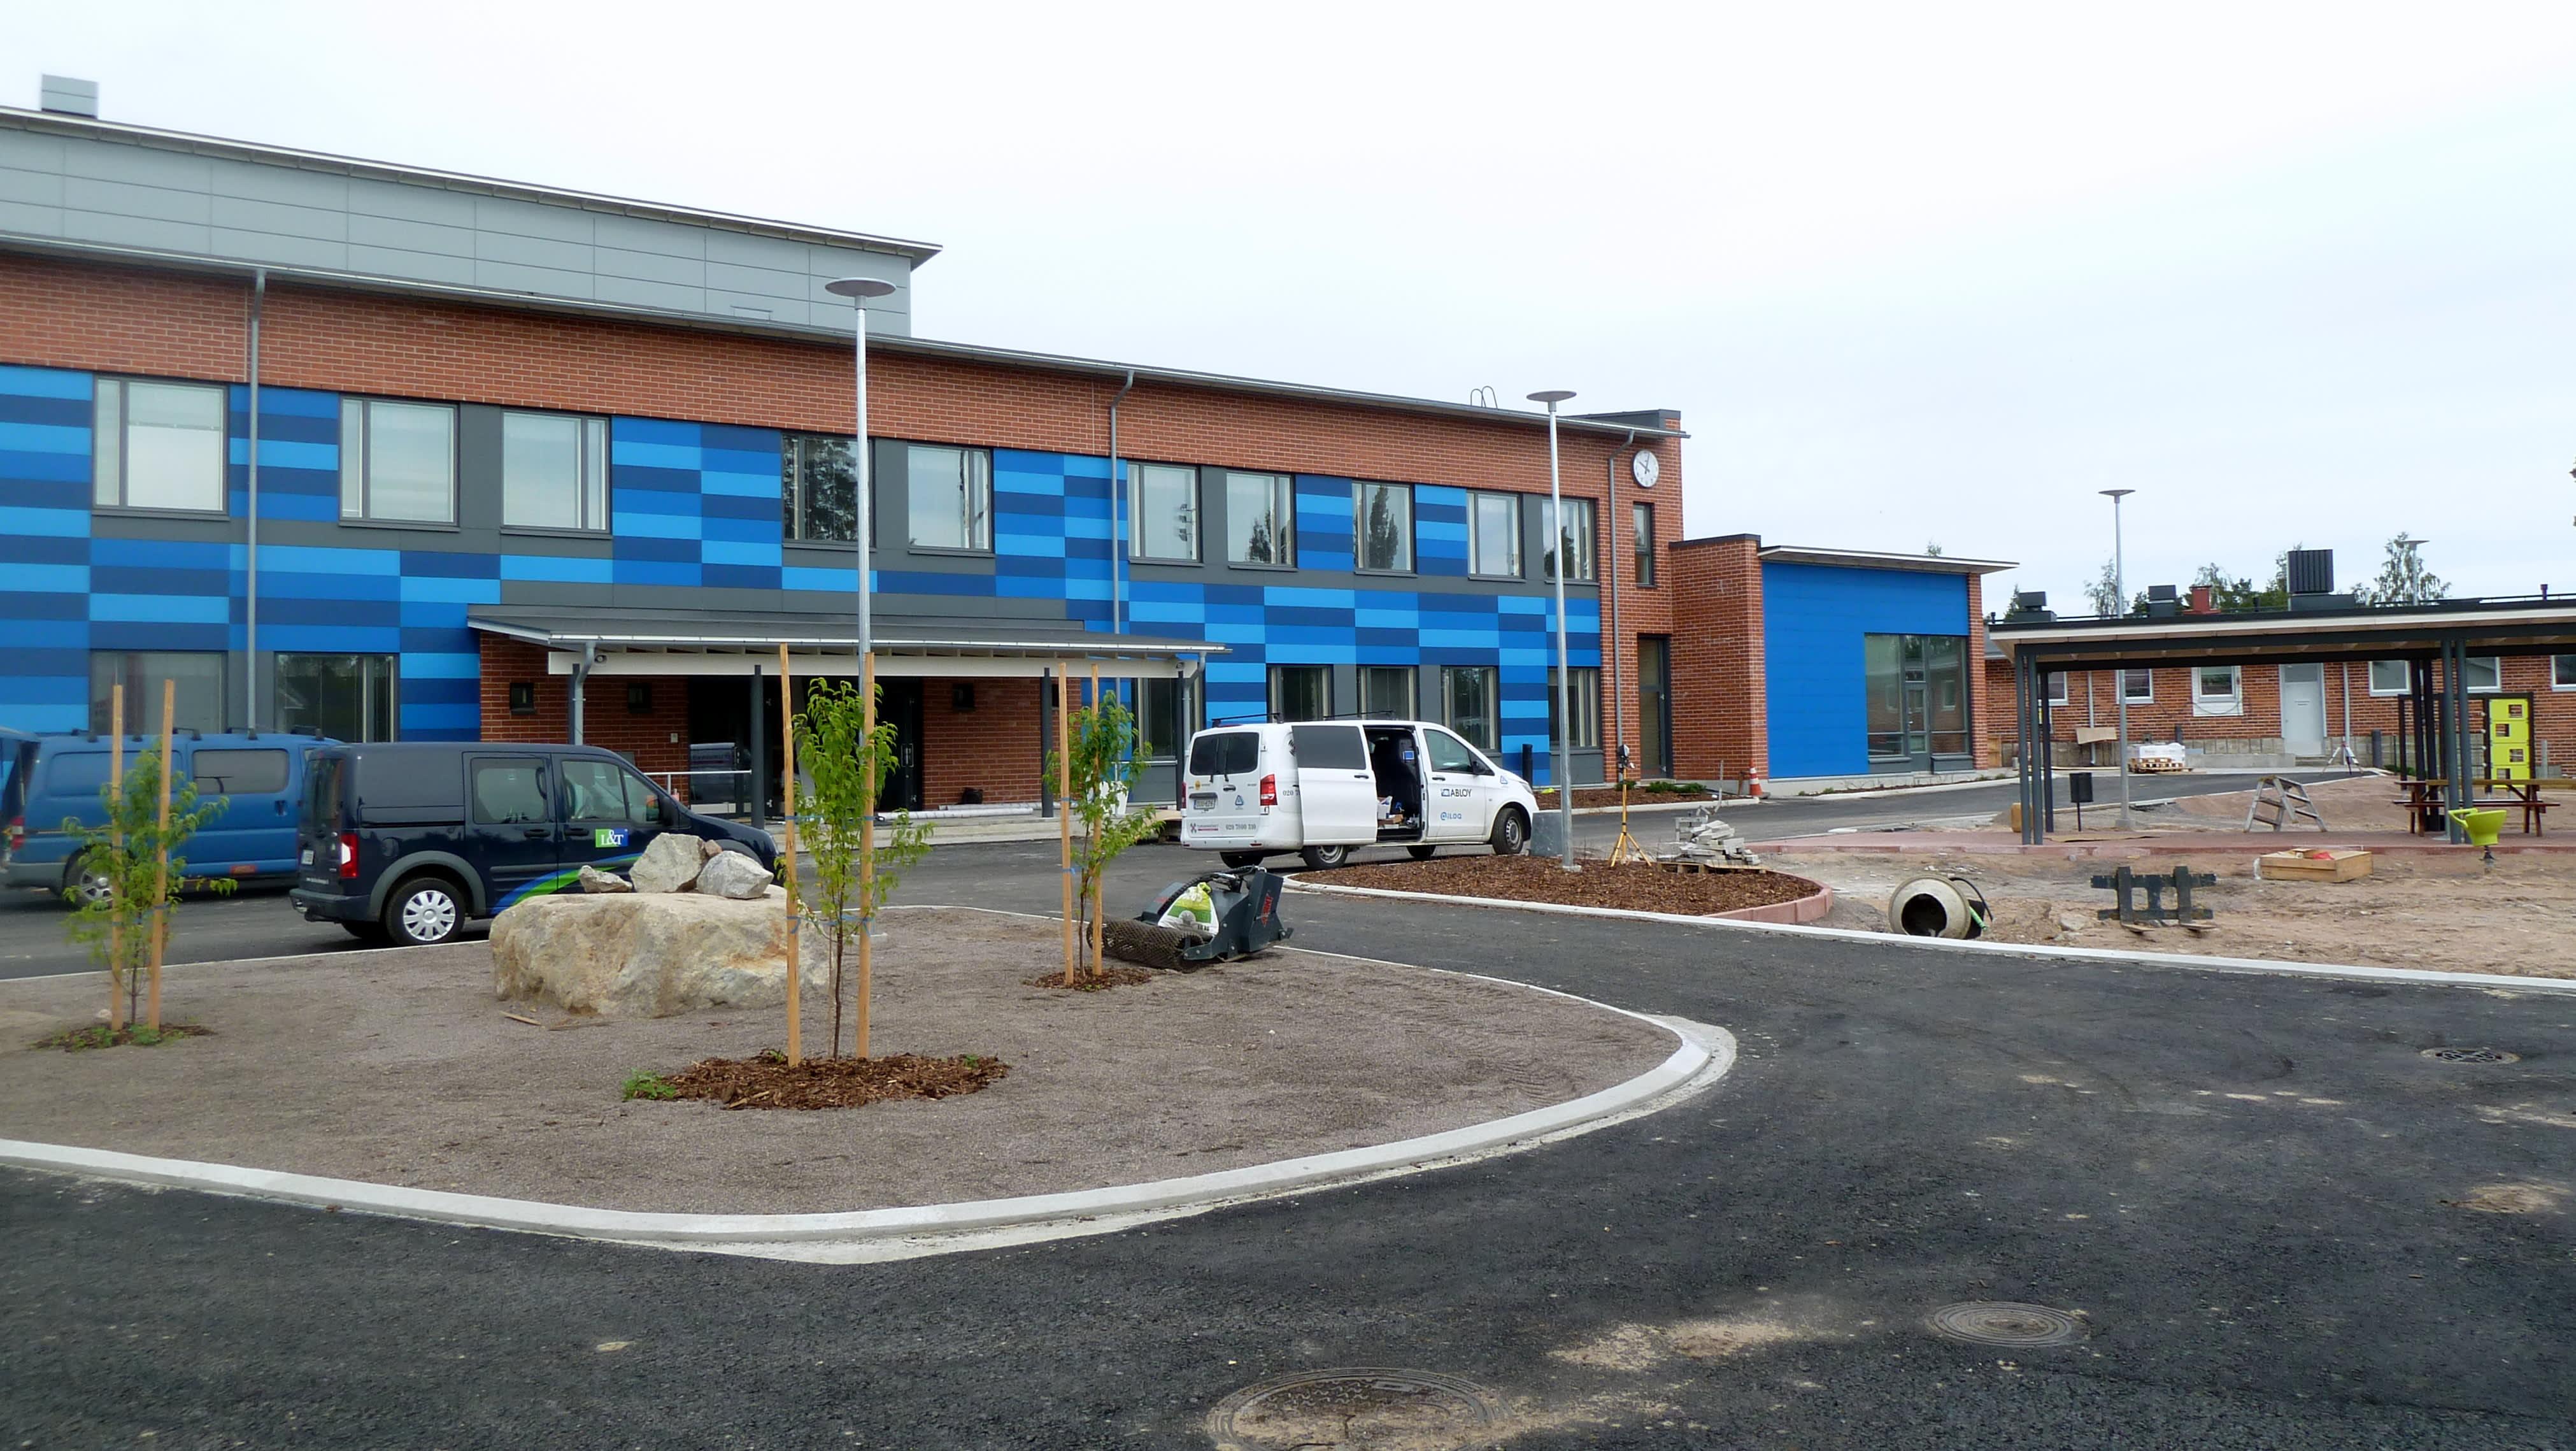 Simpeleen koulun uudisrakennus sisäpihan puolelta.